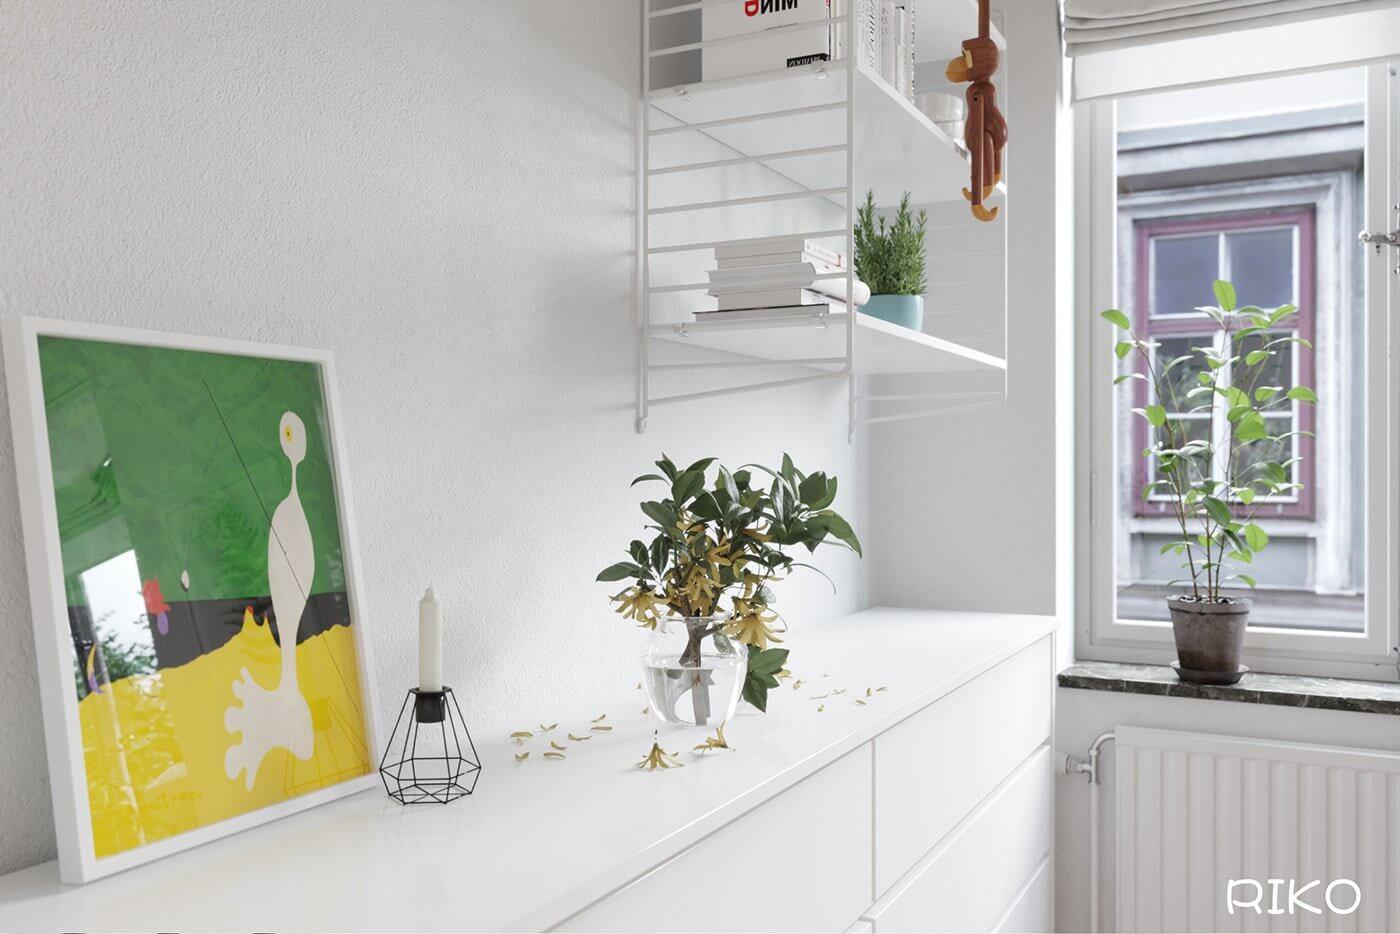 White kitchen design shelfs - cgi visualization